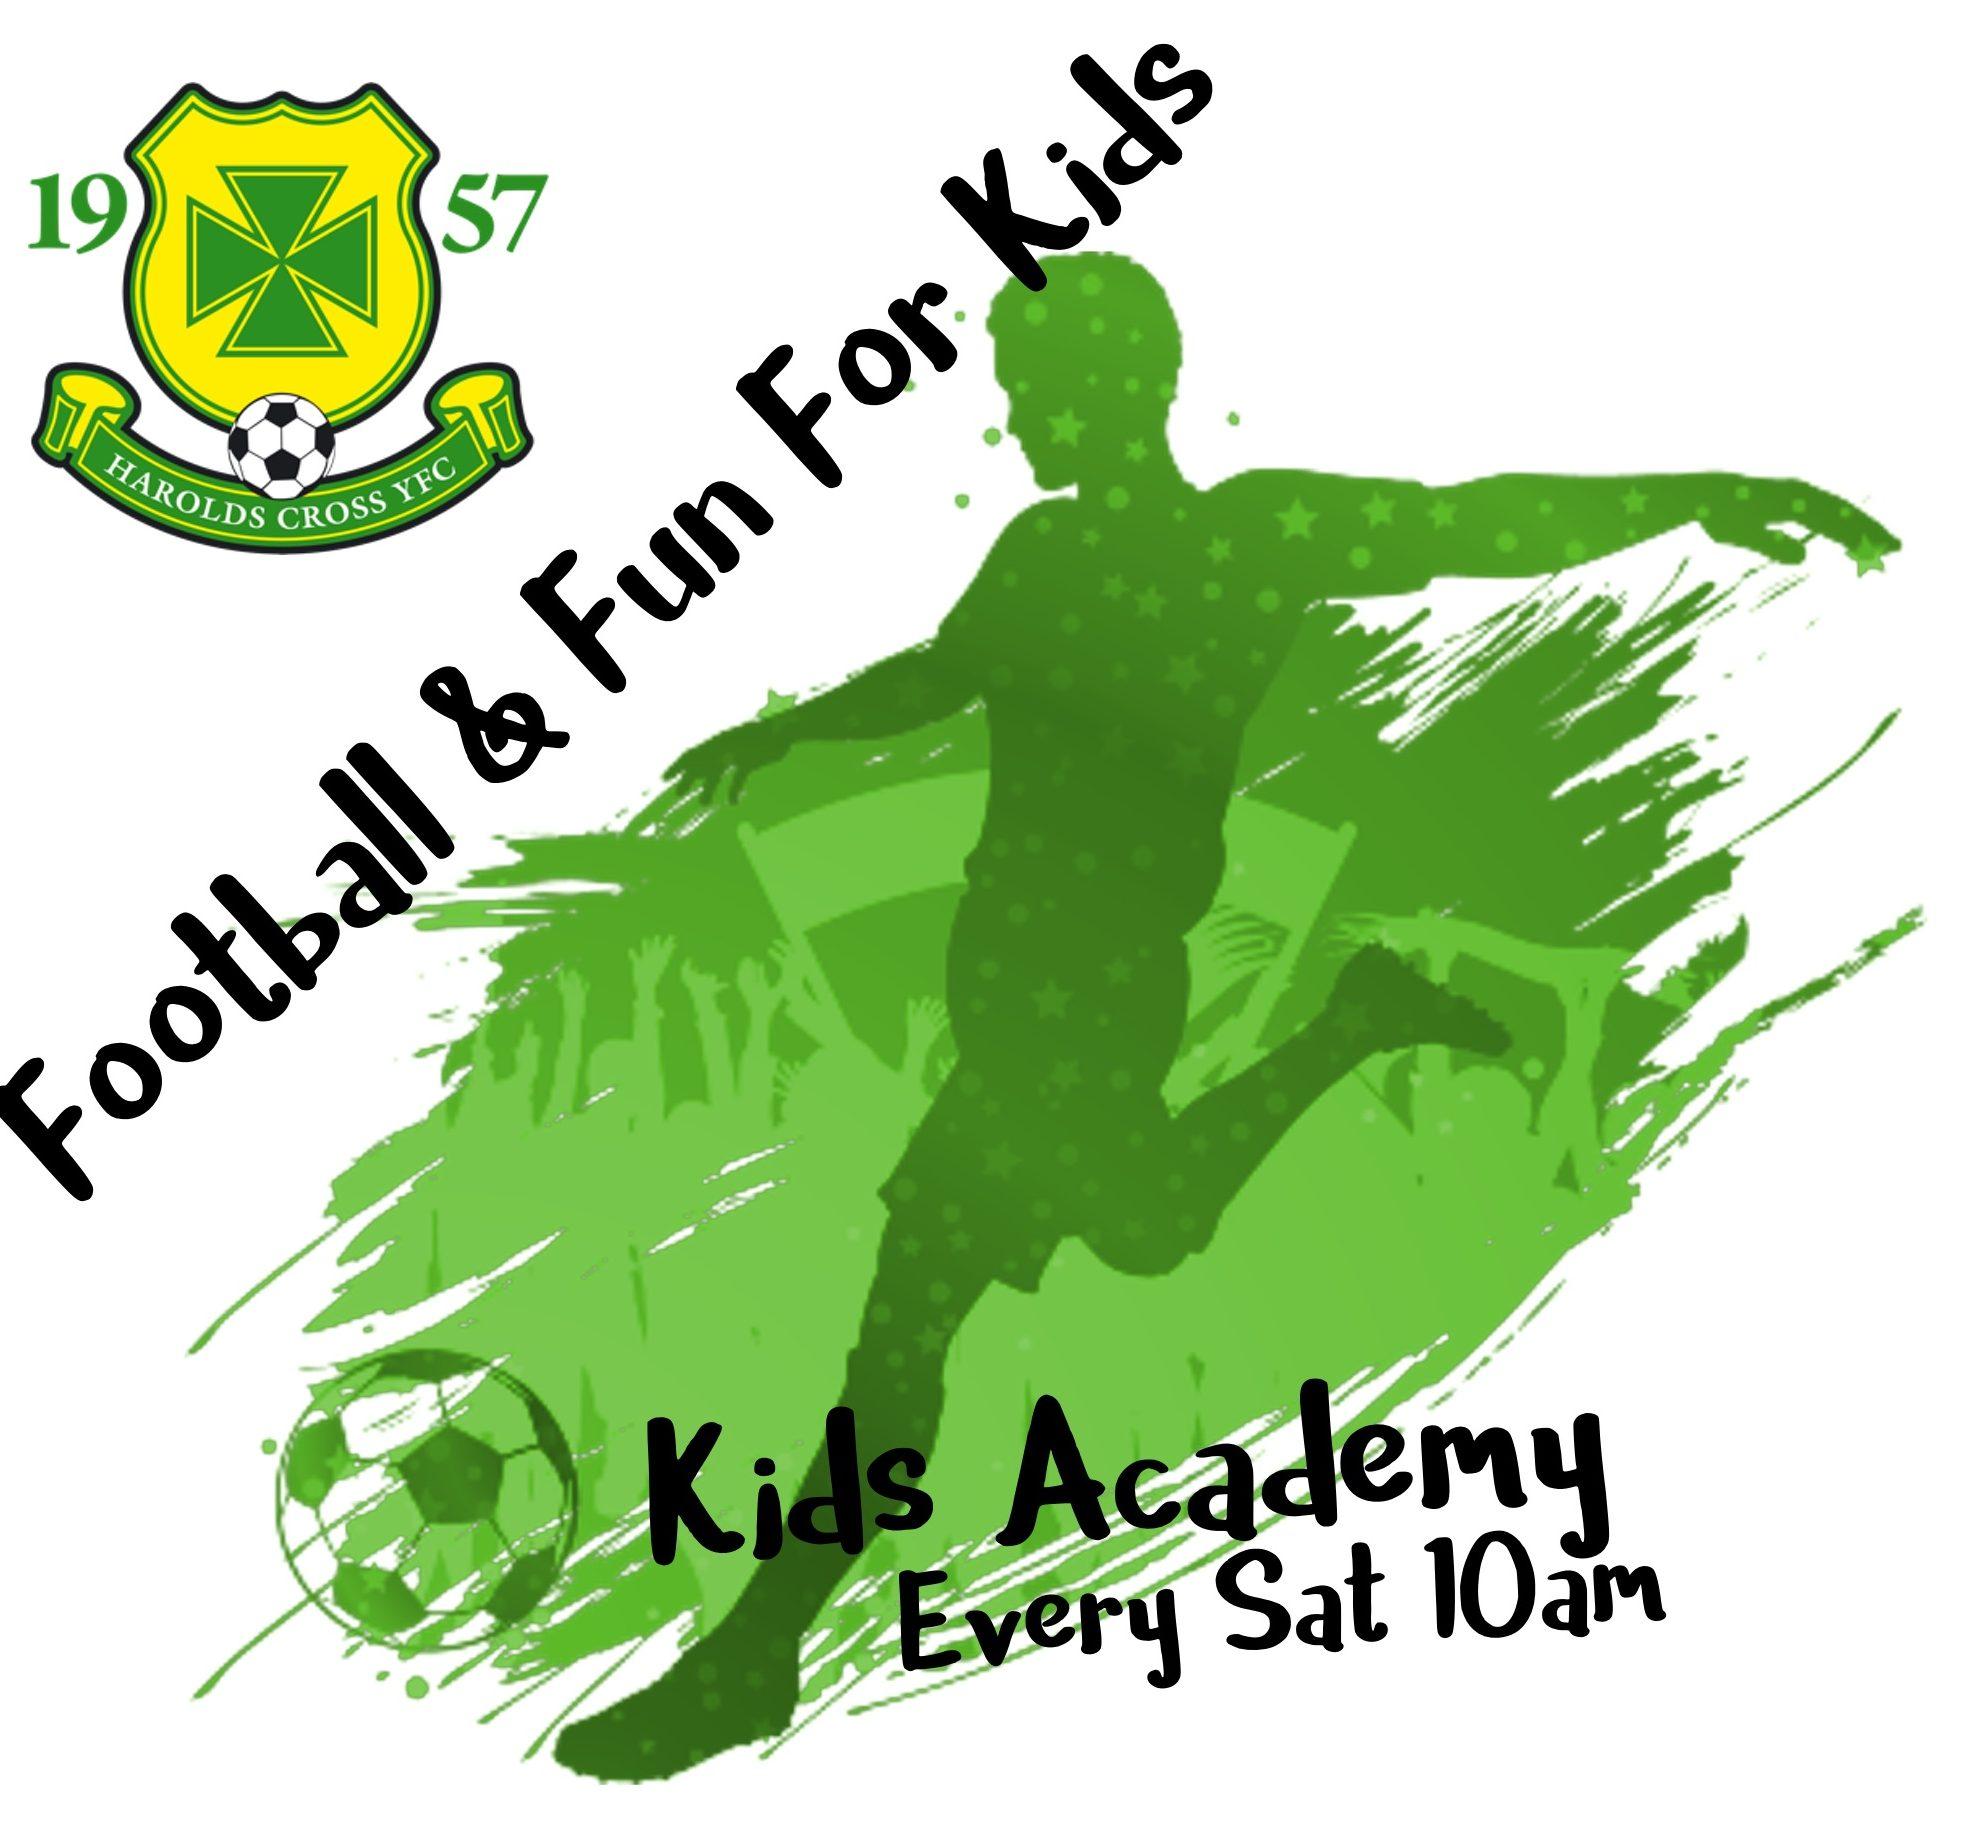 HCYFC Kids Academy